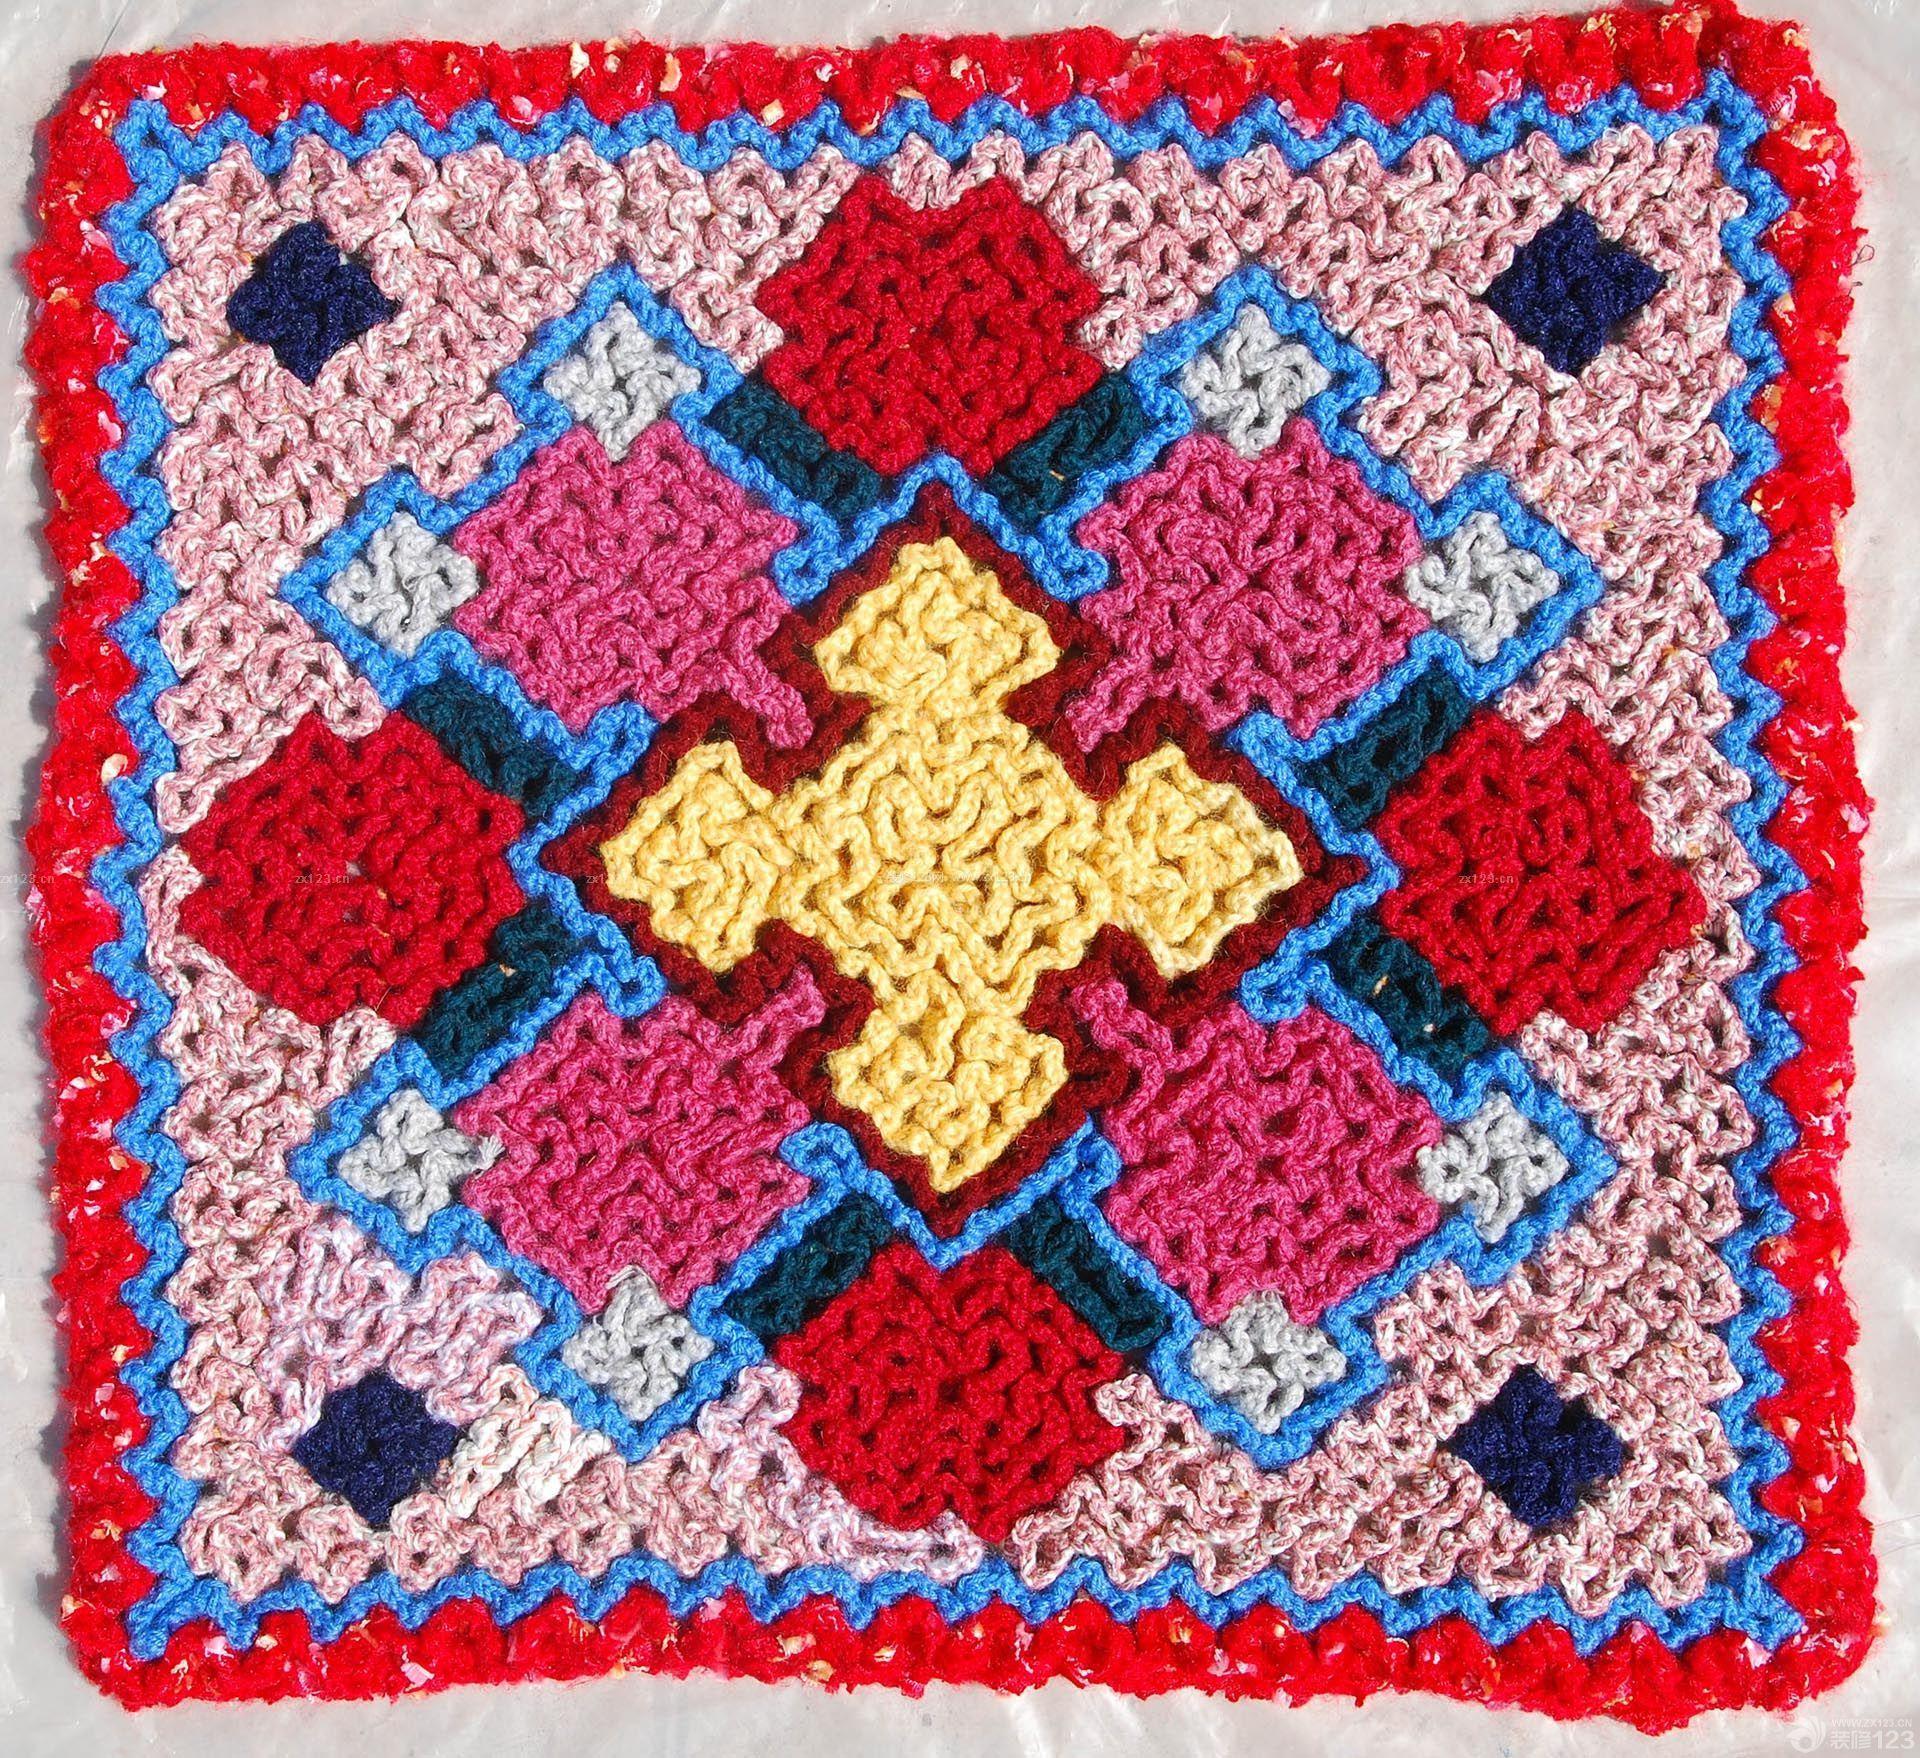 旧毛线编织坐垫图片欣赏